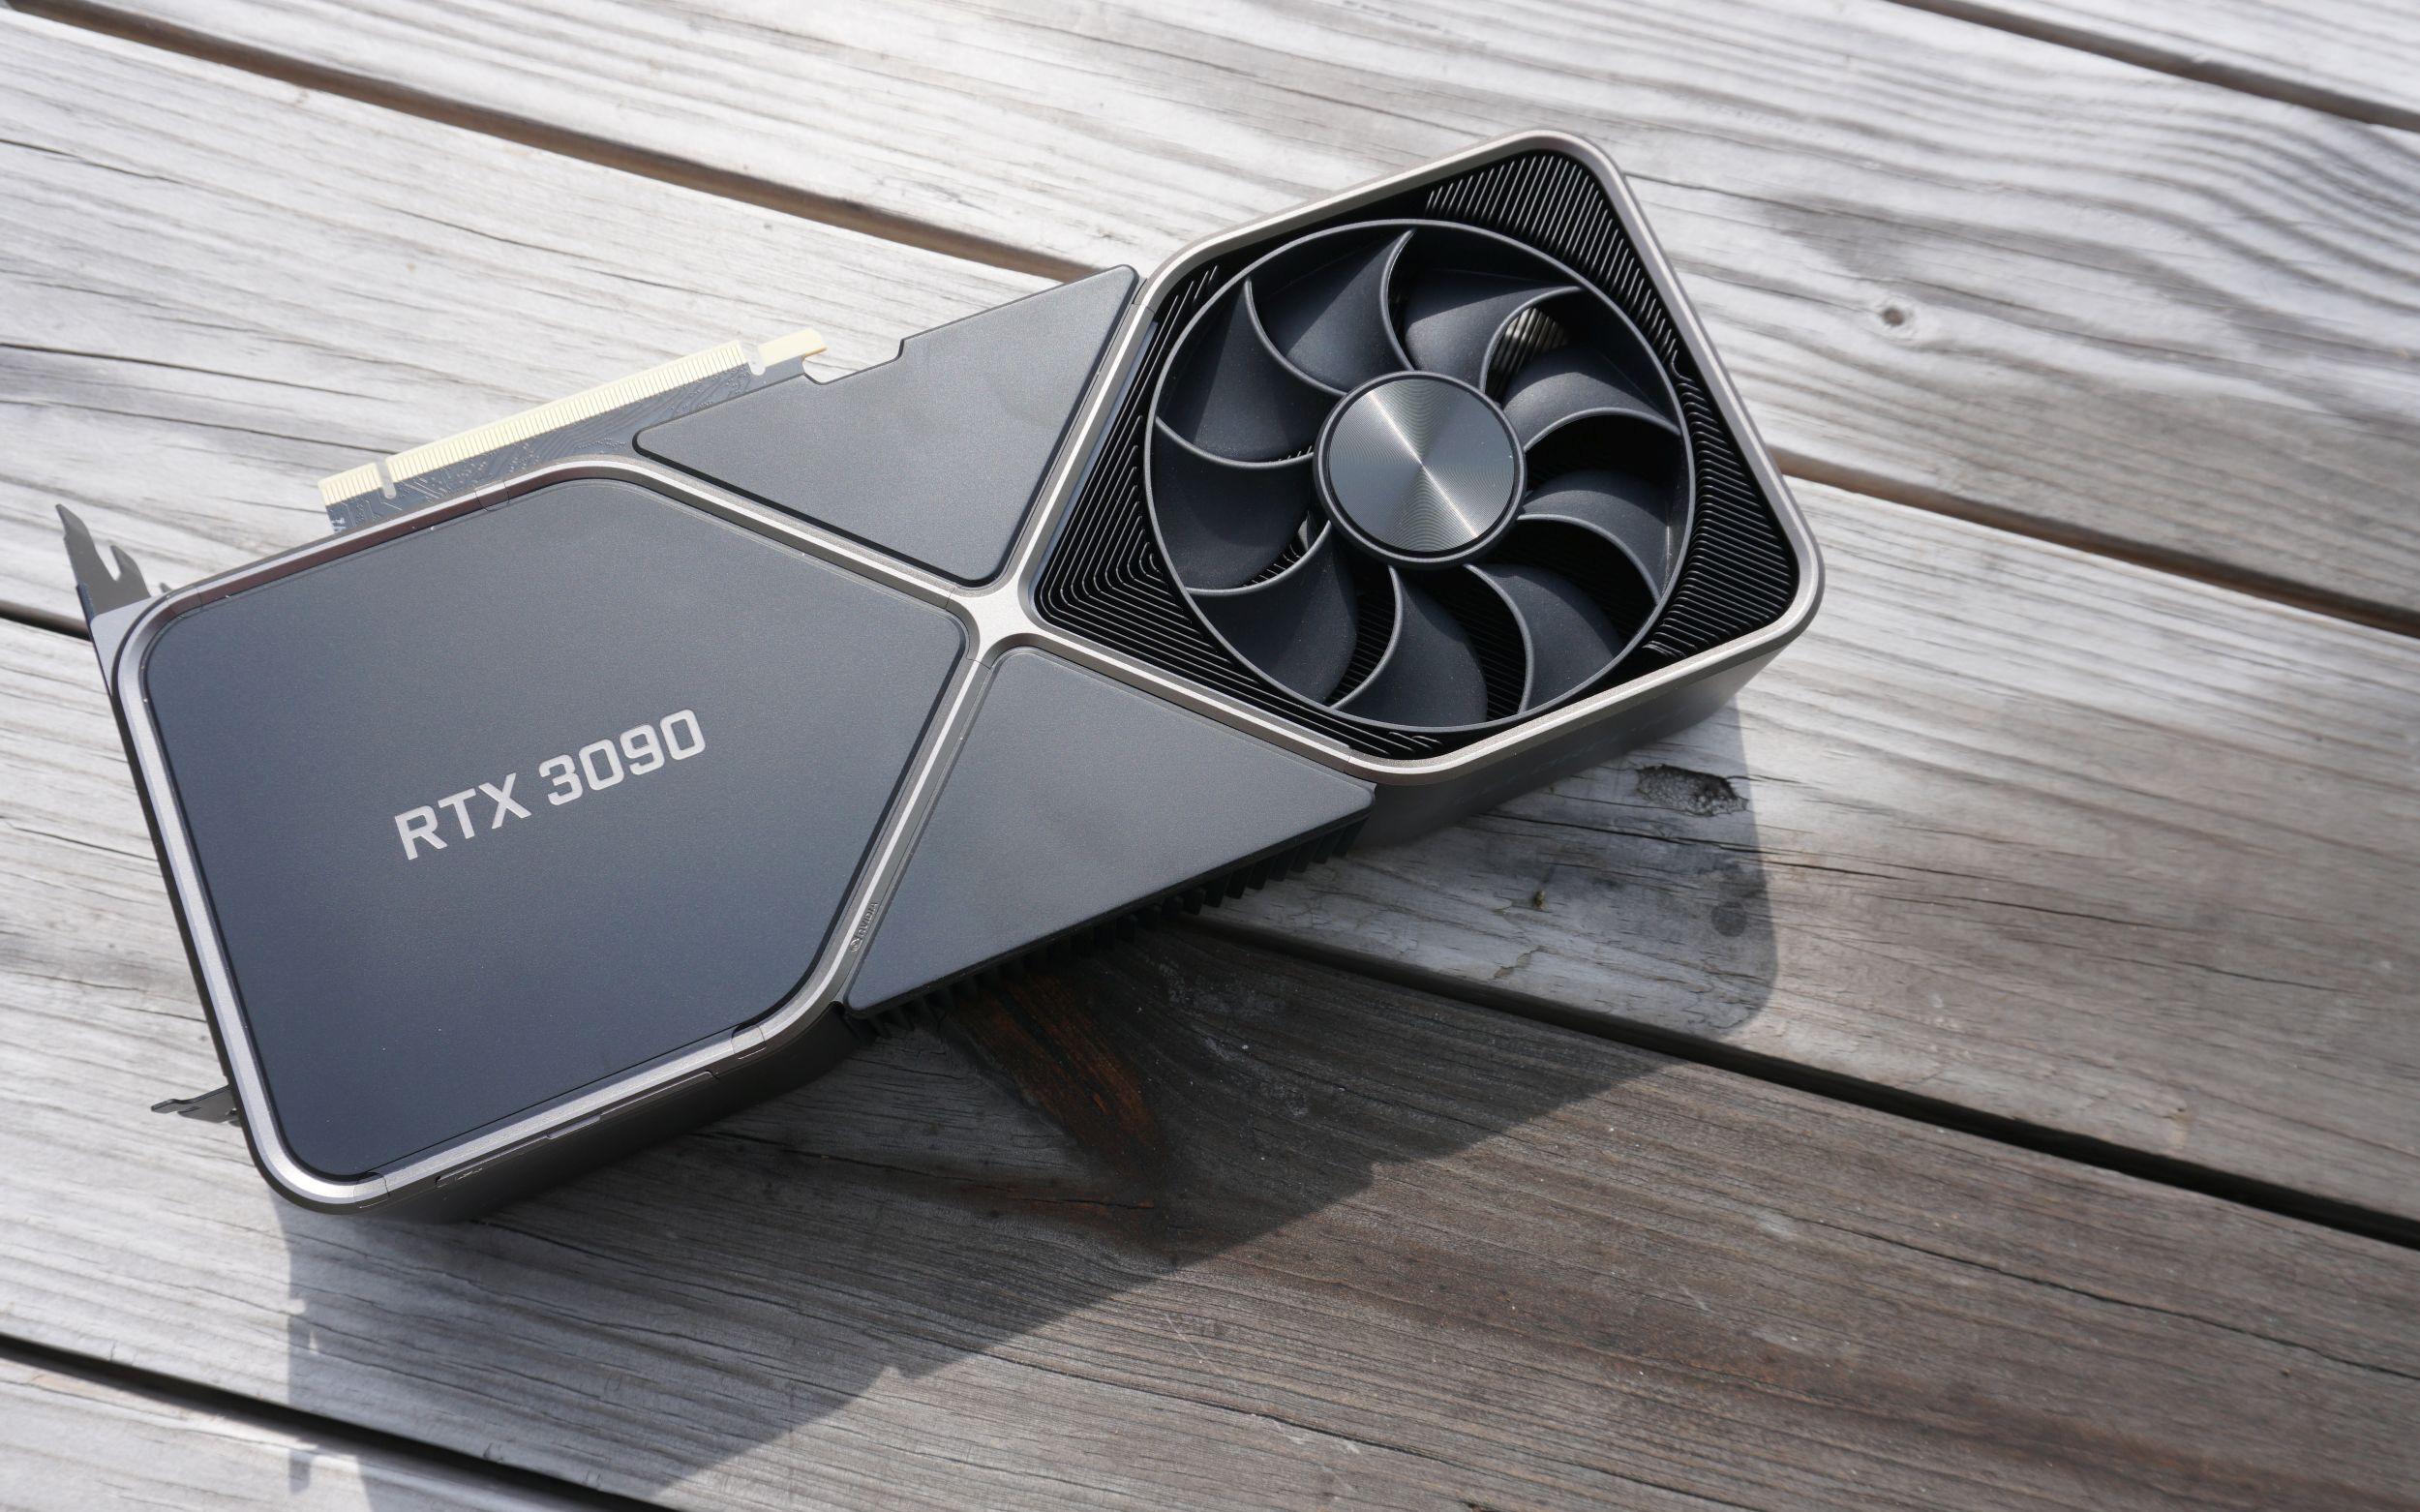 """Tổng hợp 5 điều cần biết về card đồ hoạ """"siêu to siêu khổng lồ"""" NVIDIA GeForce RTX 3090 mà chẳng mấy ai cần"""